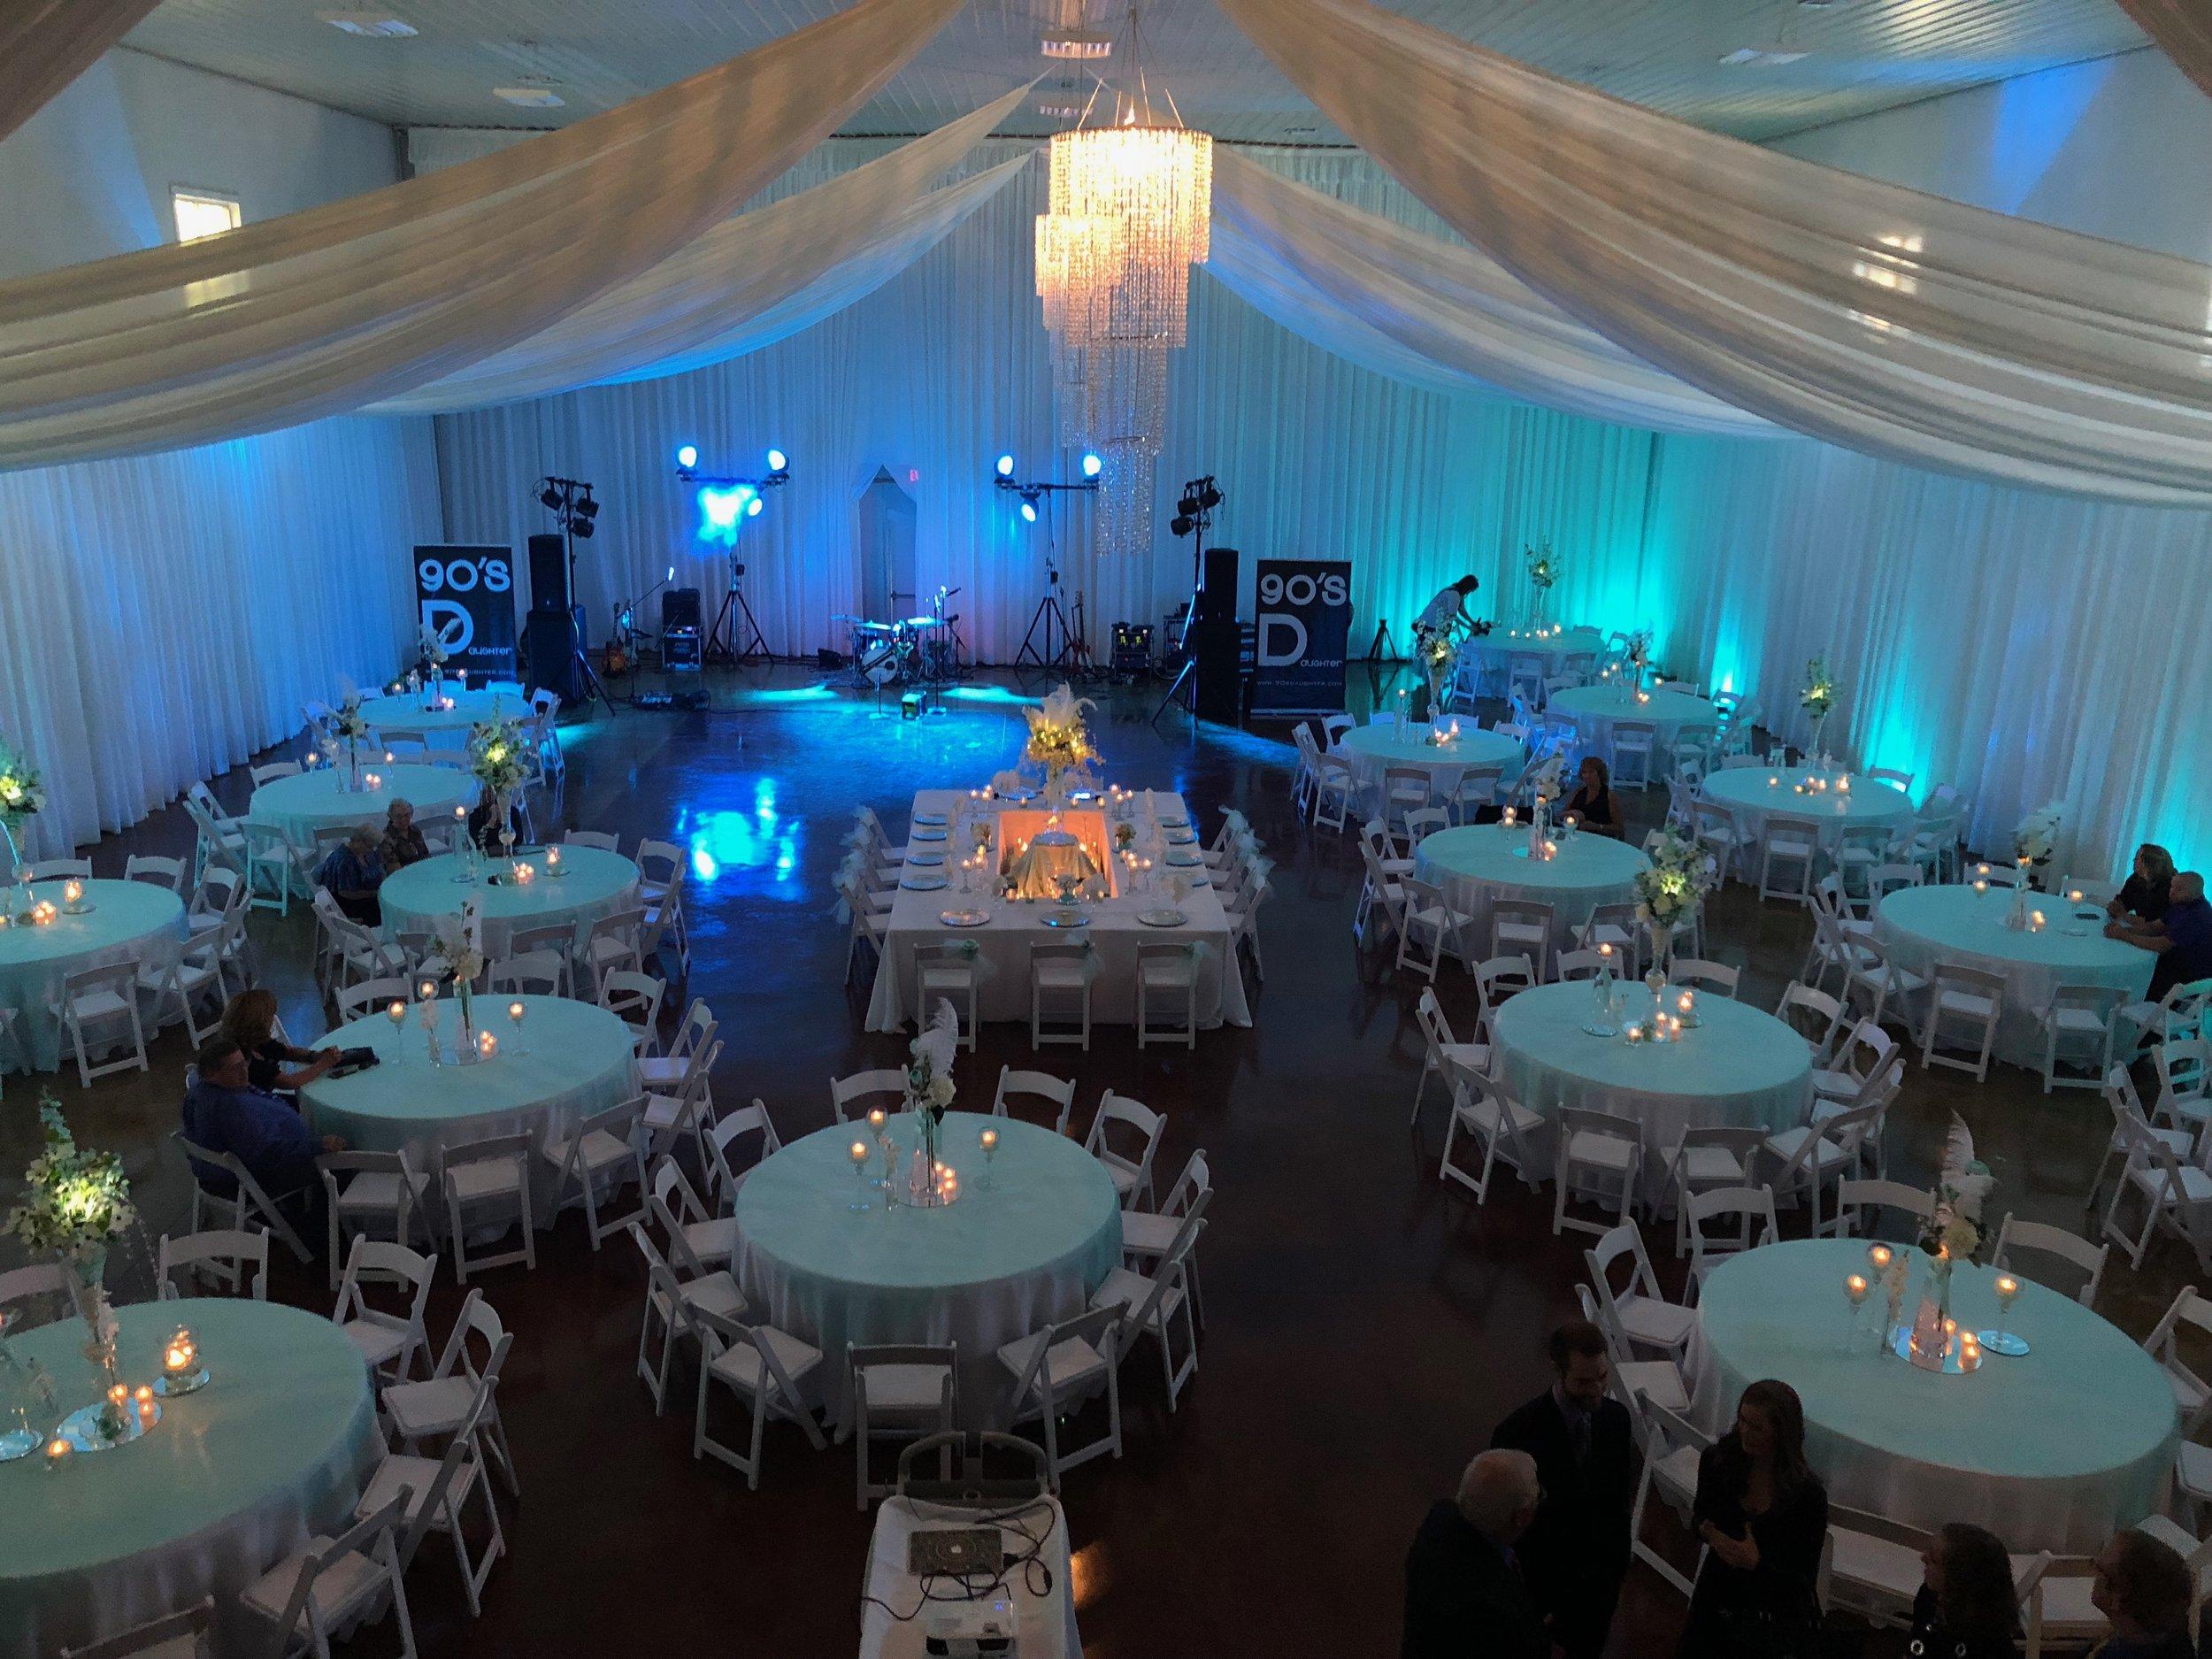 Shelbyville-event-center-9.jpg